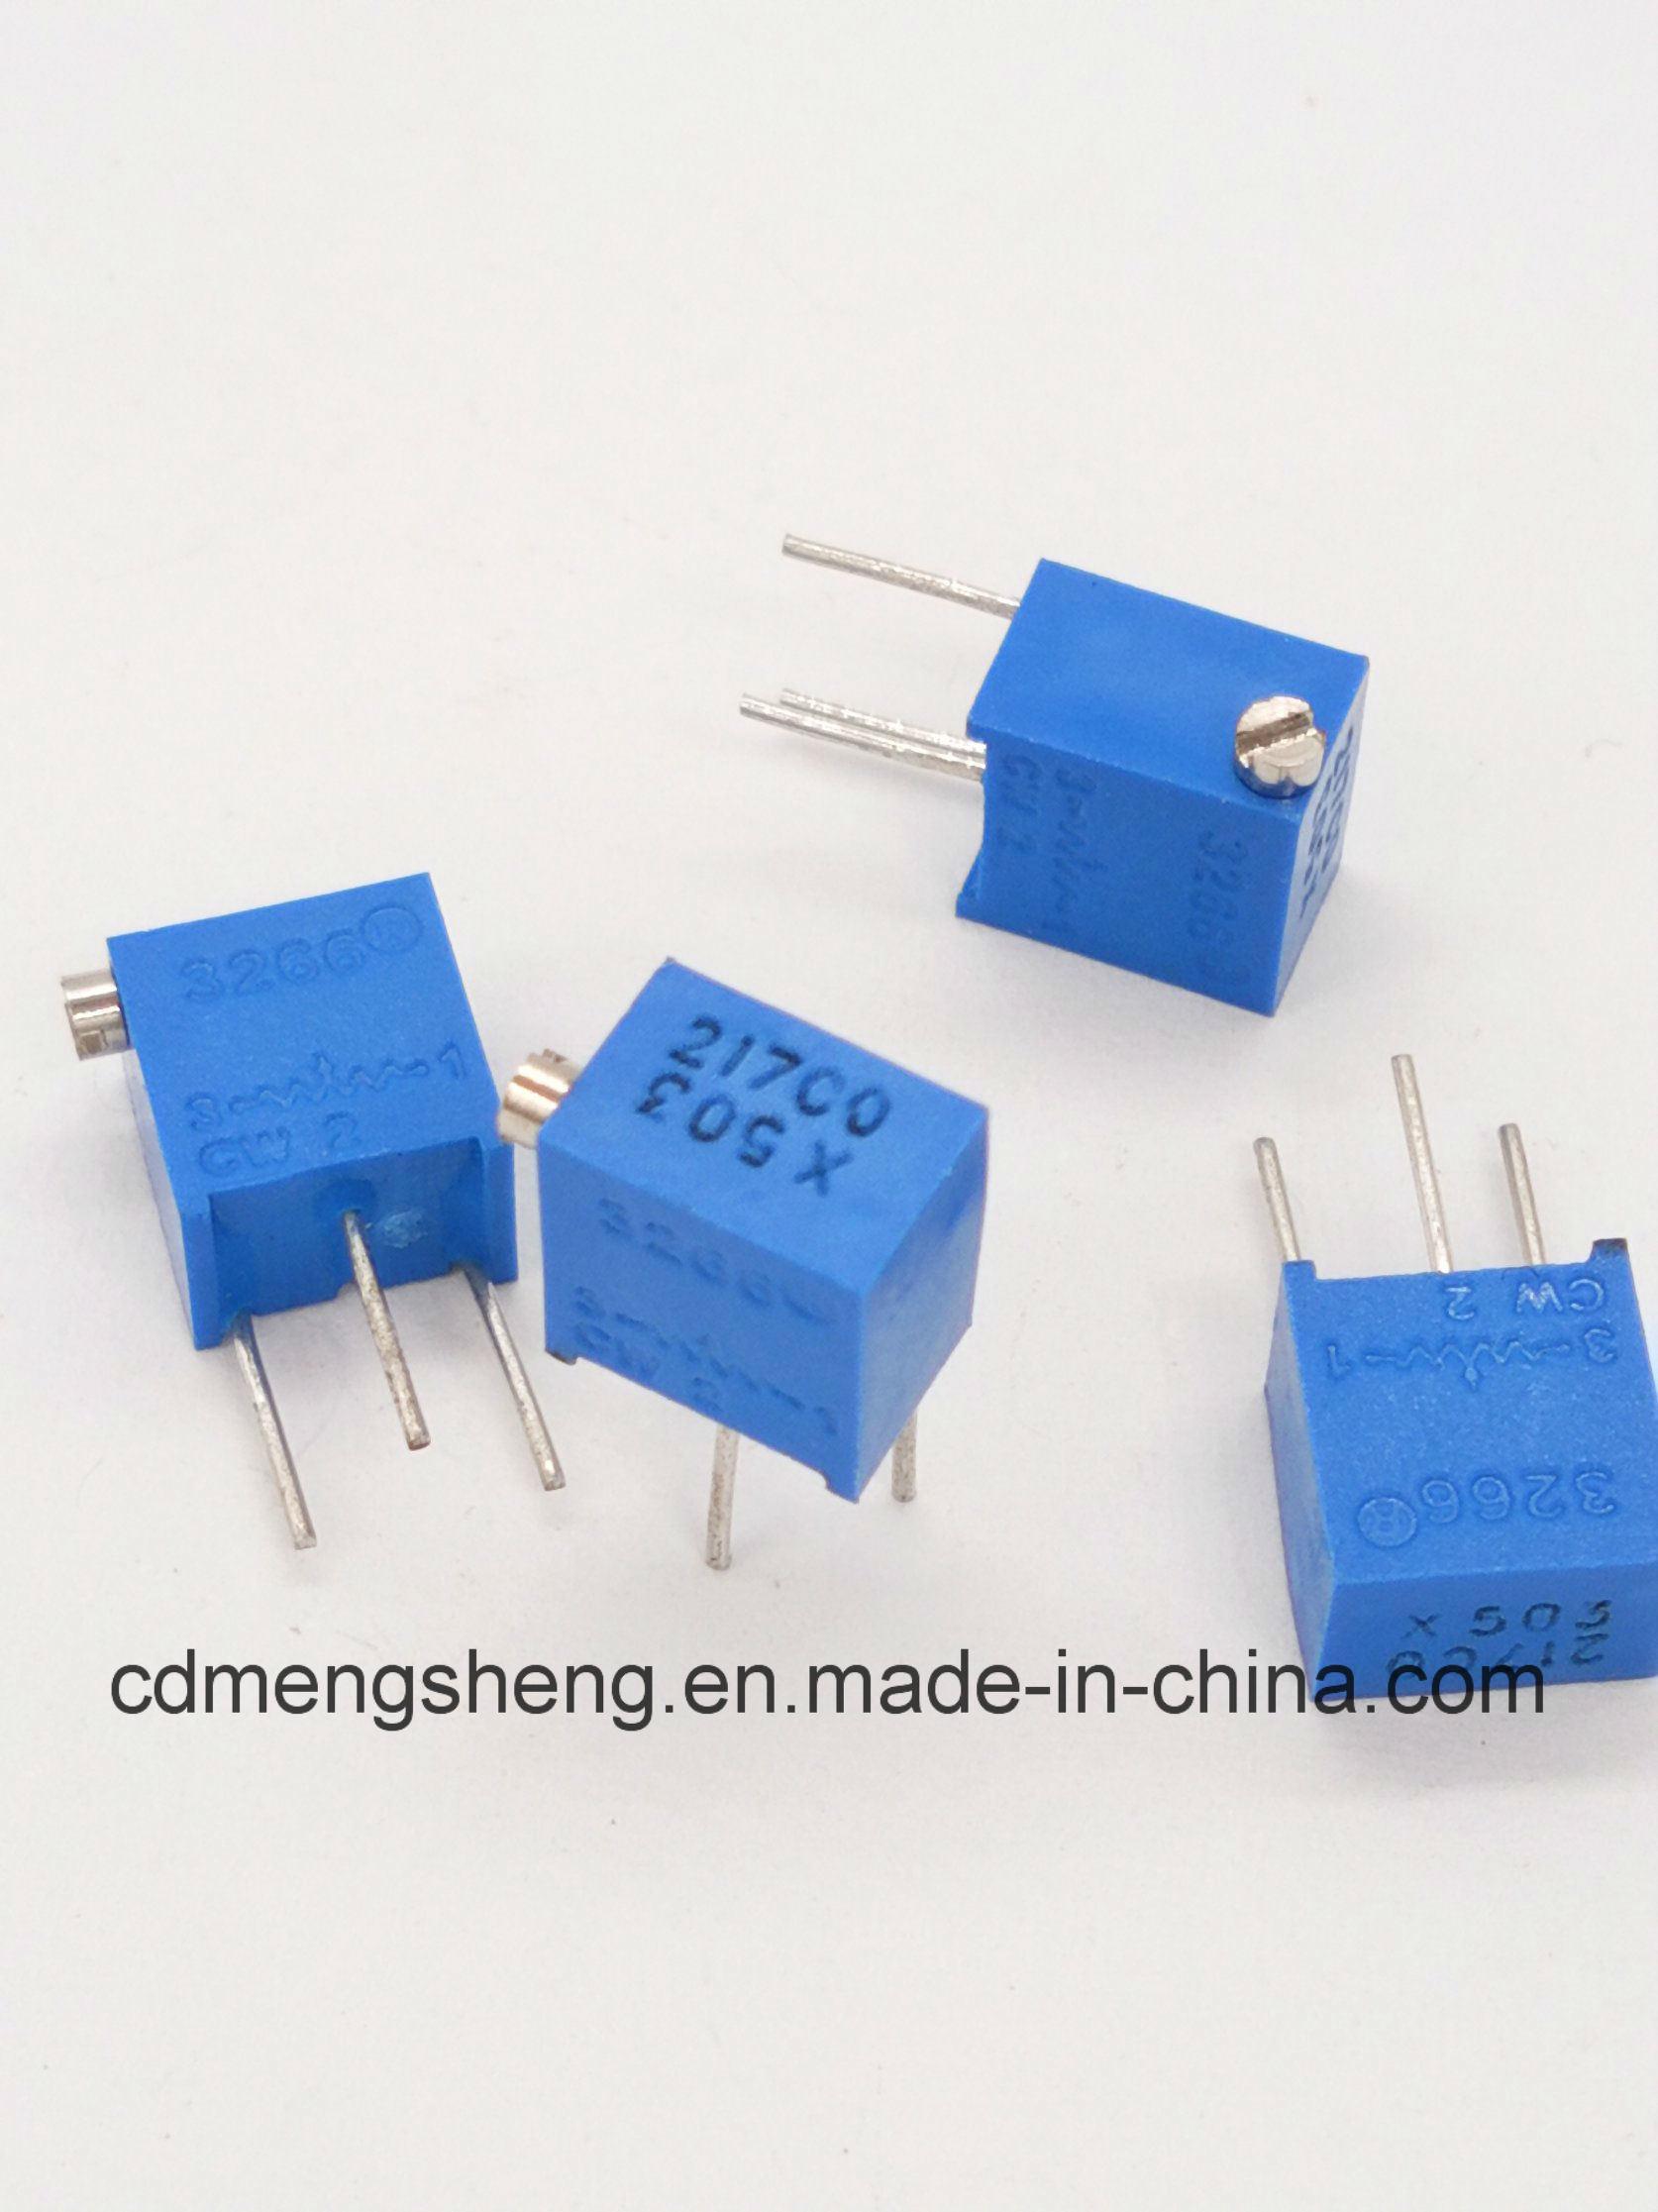 China Variable Resistor Trimming Potentiometer Trimpot Circuit Inresistor